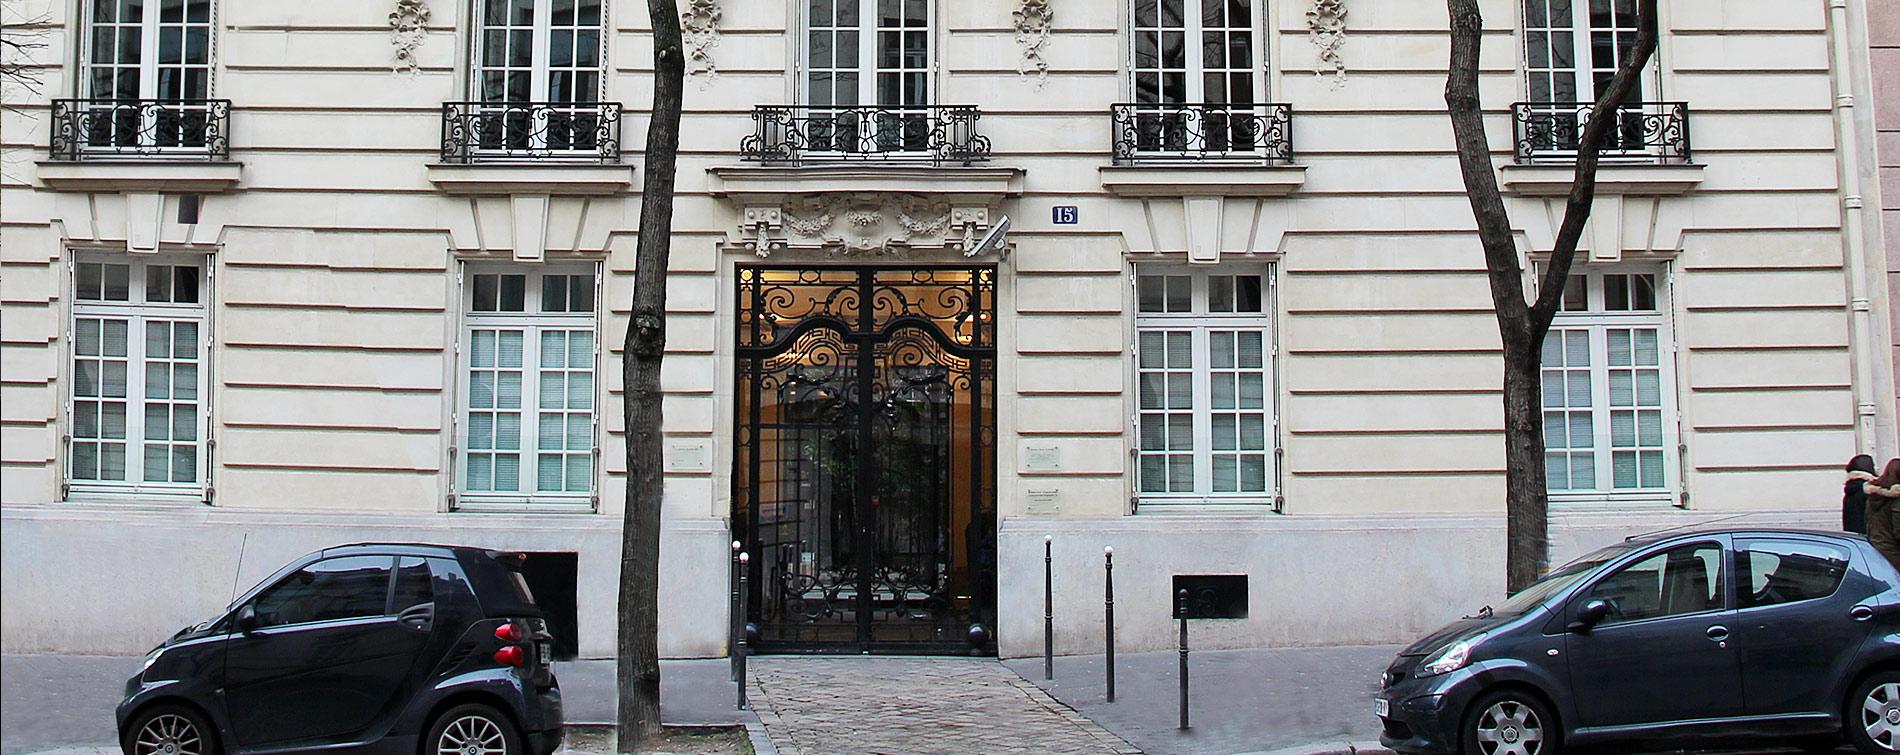 Cabinet de radiologie chographie trocad ro paris 16 - Cabinet de radiologie altkirch ...